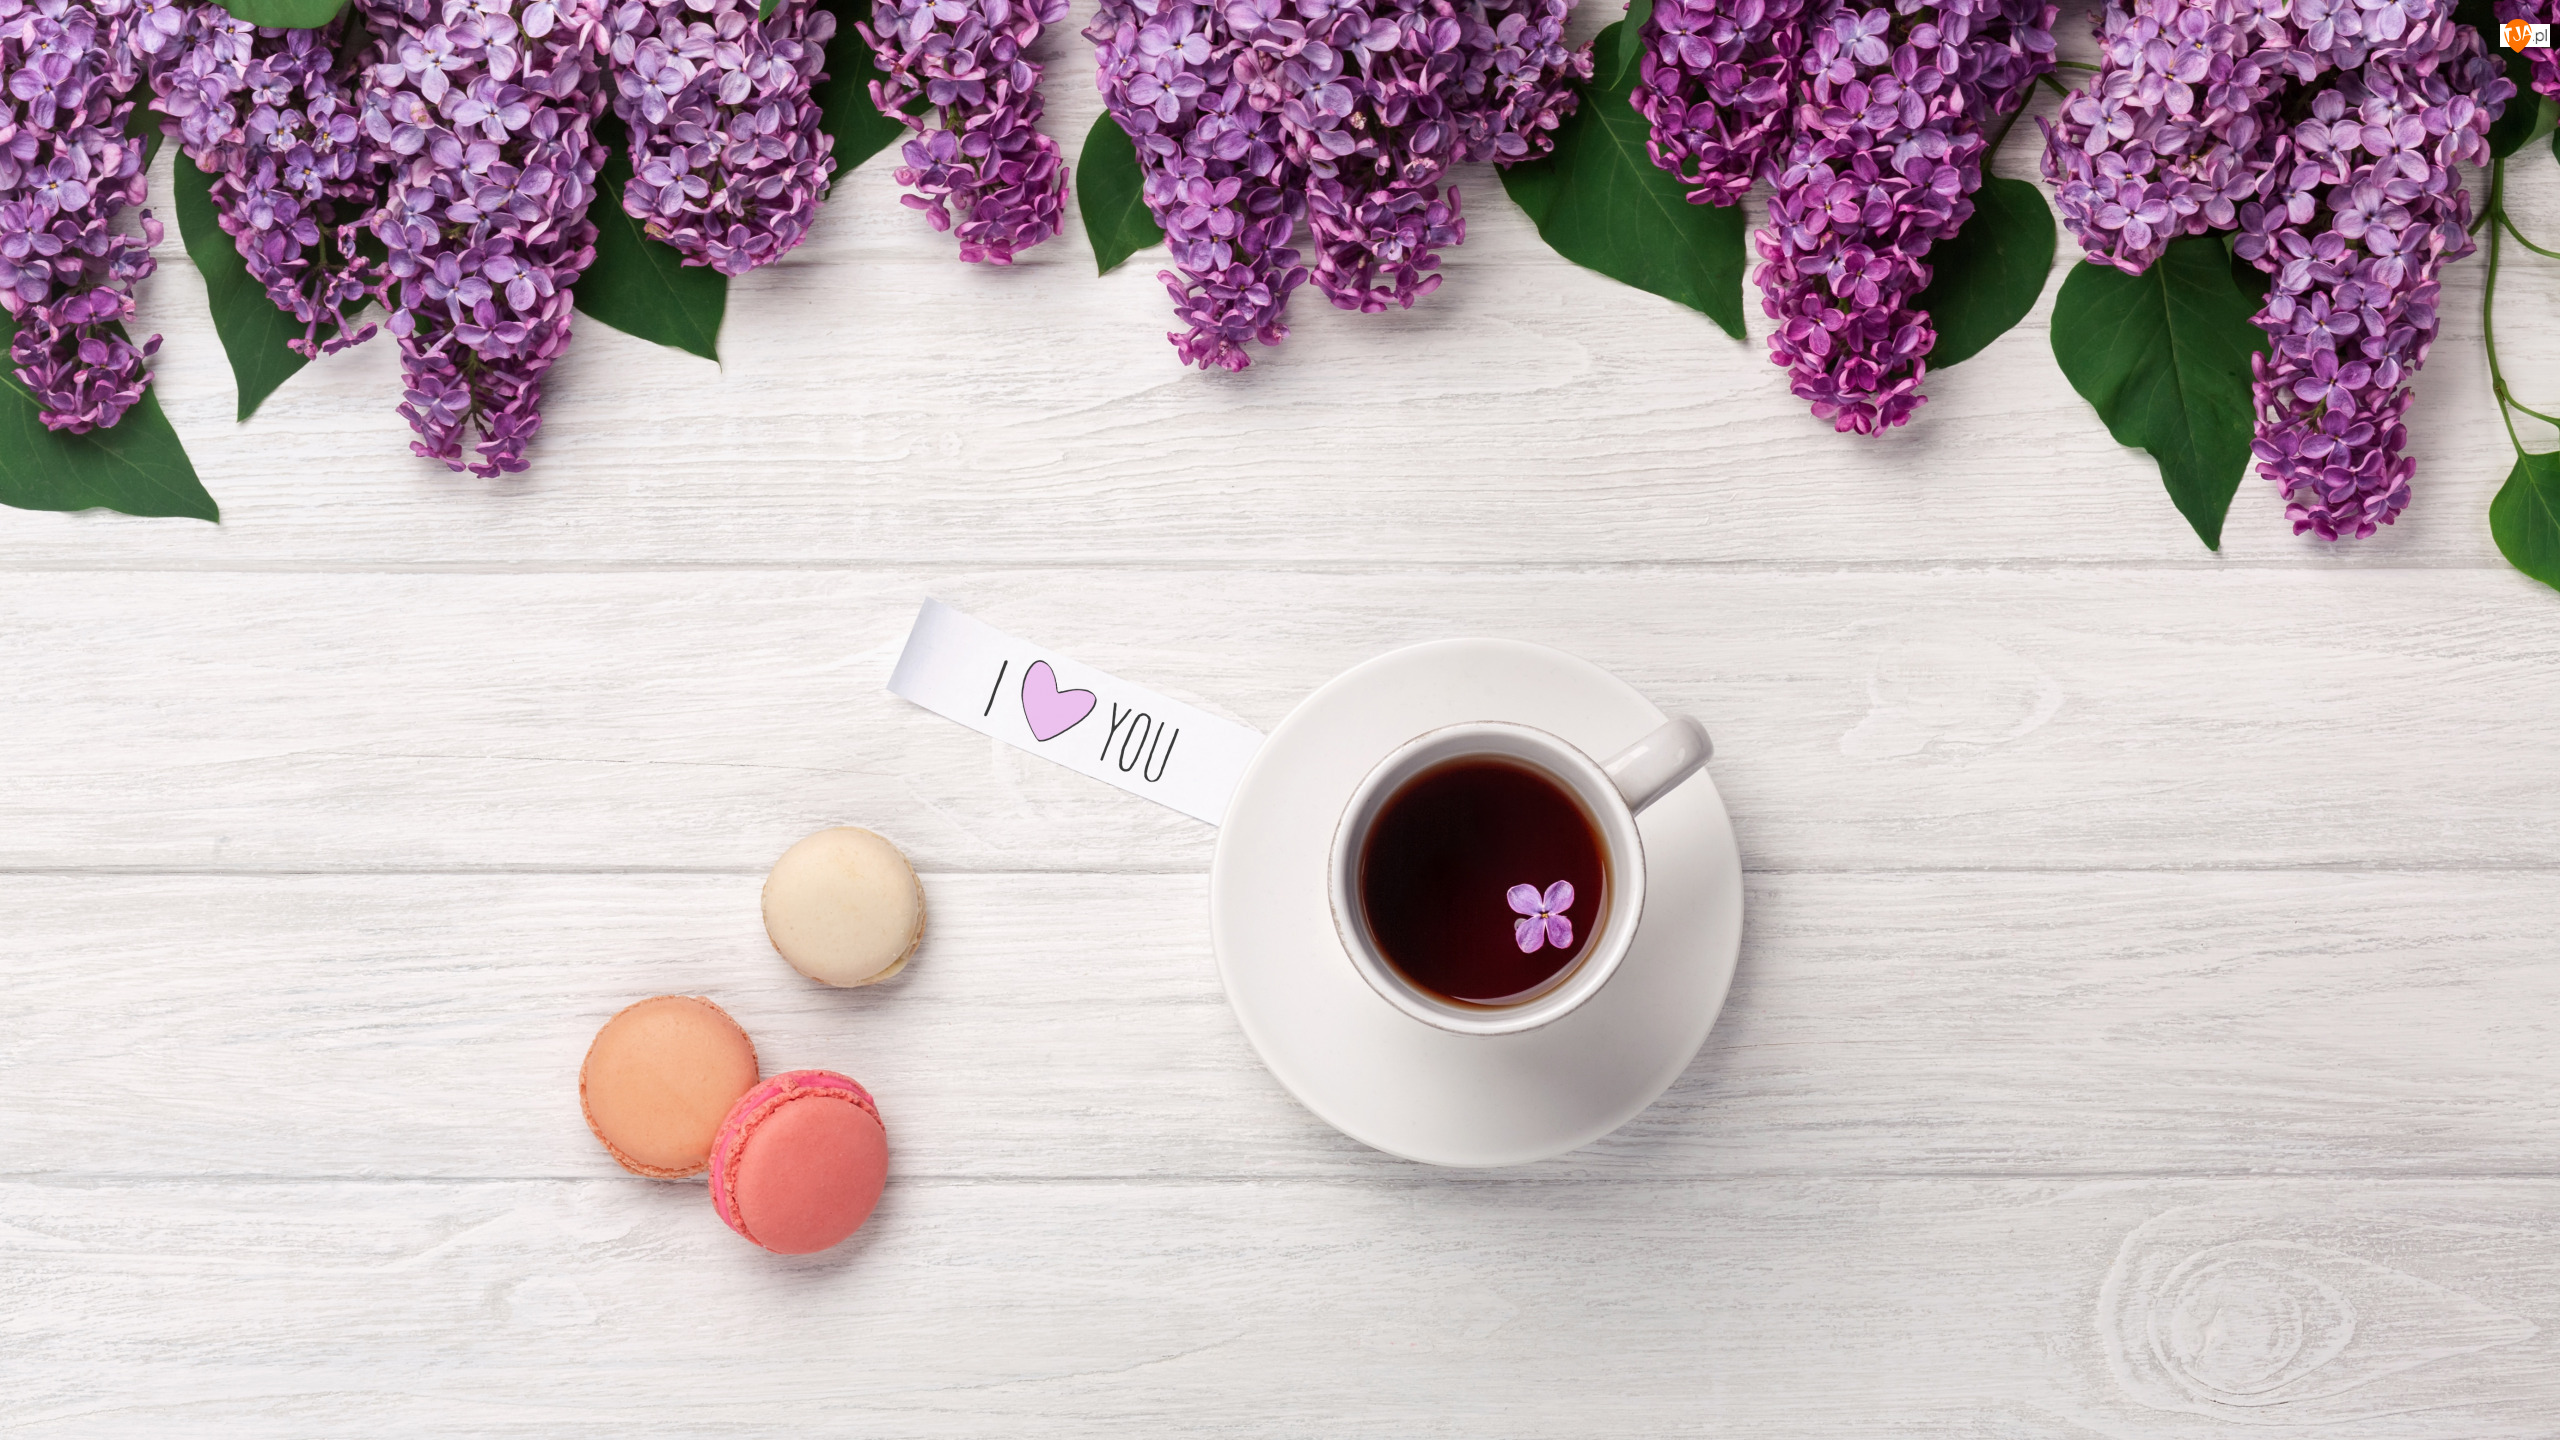 Kawa, Ciasteczka, I Love You, Bez, Napis, Kartka, Makaroniki